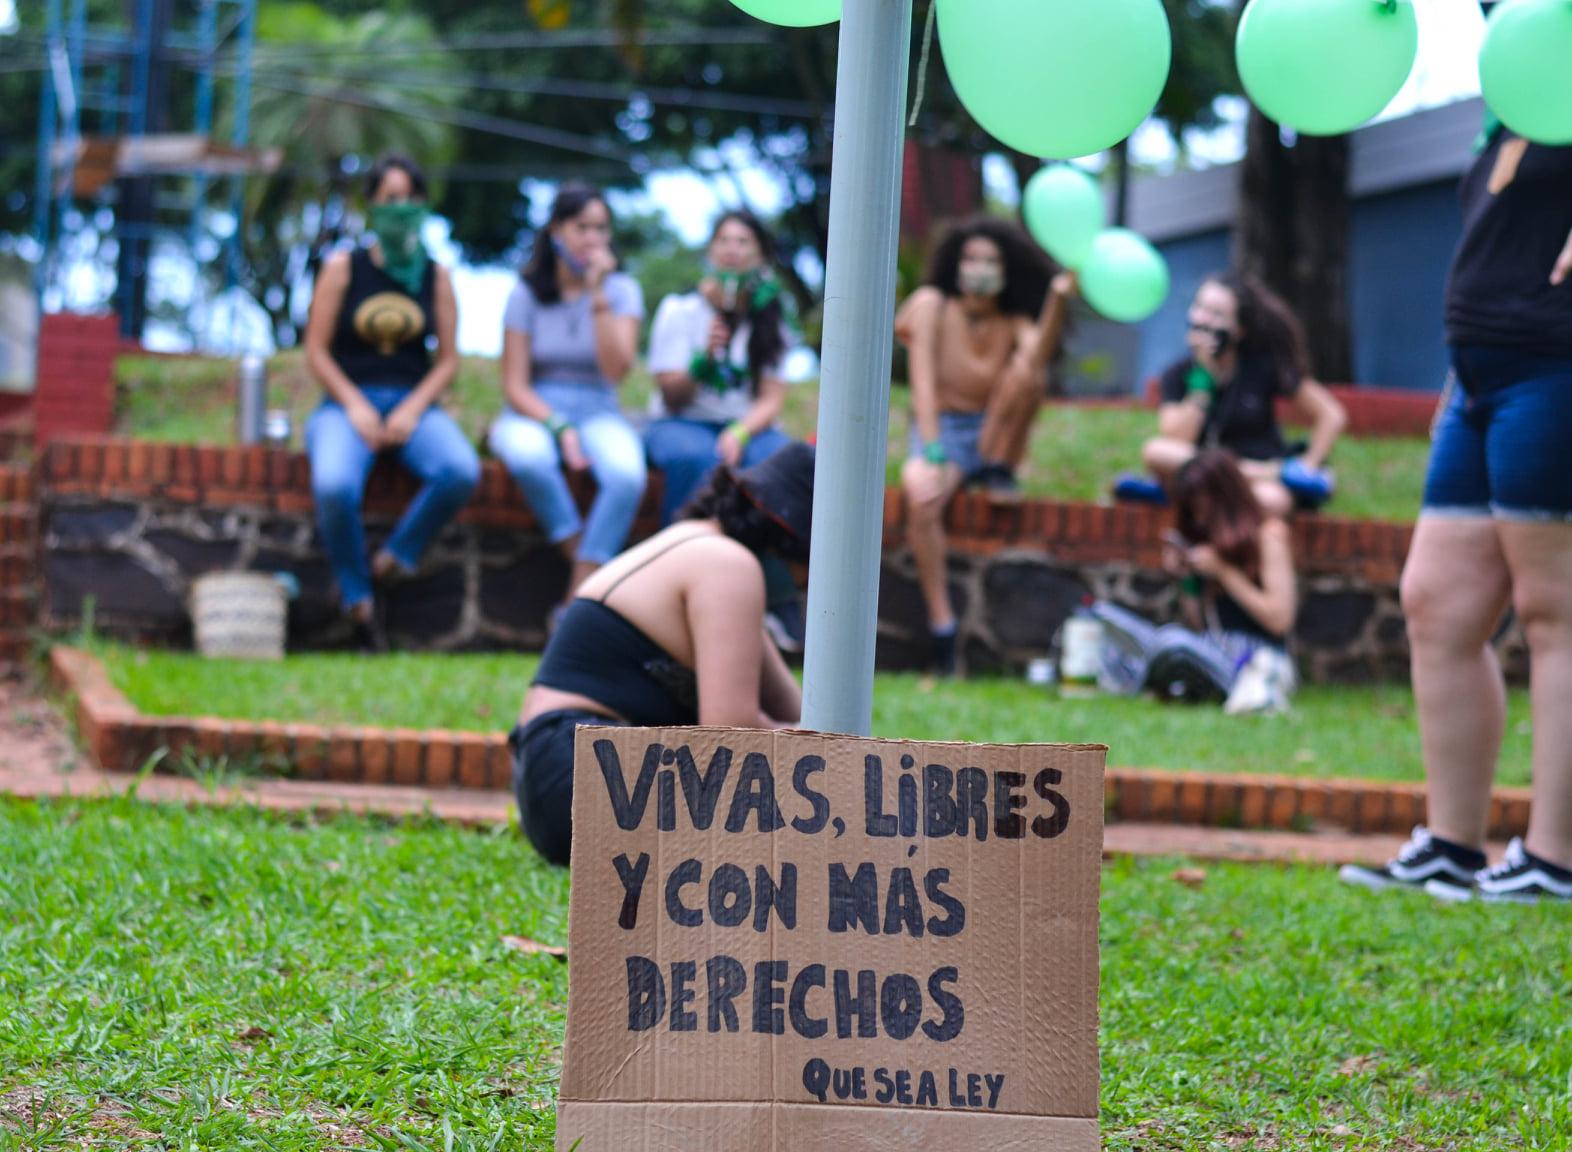 En lo que va del año, hubo más femicidios que días en la Argentina